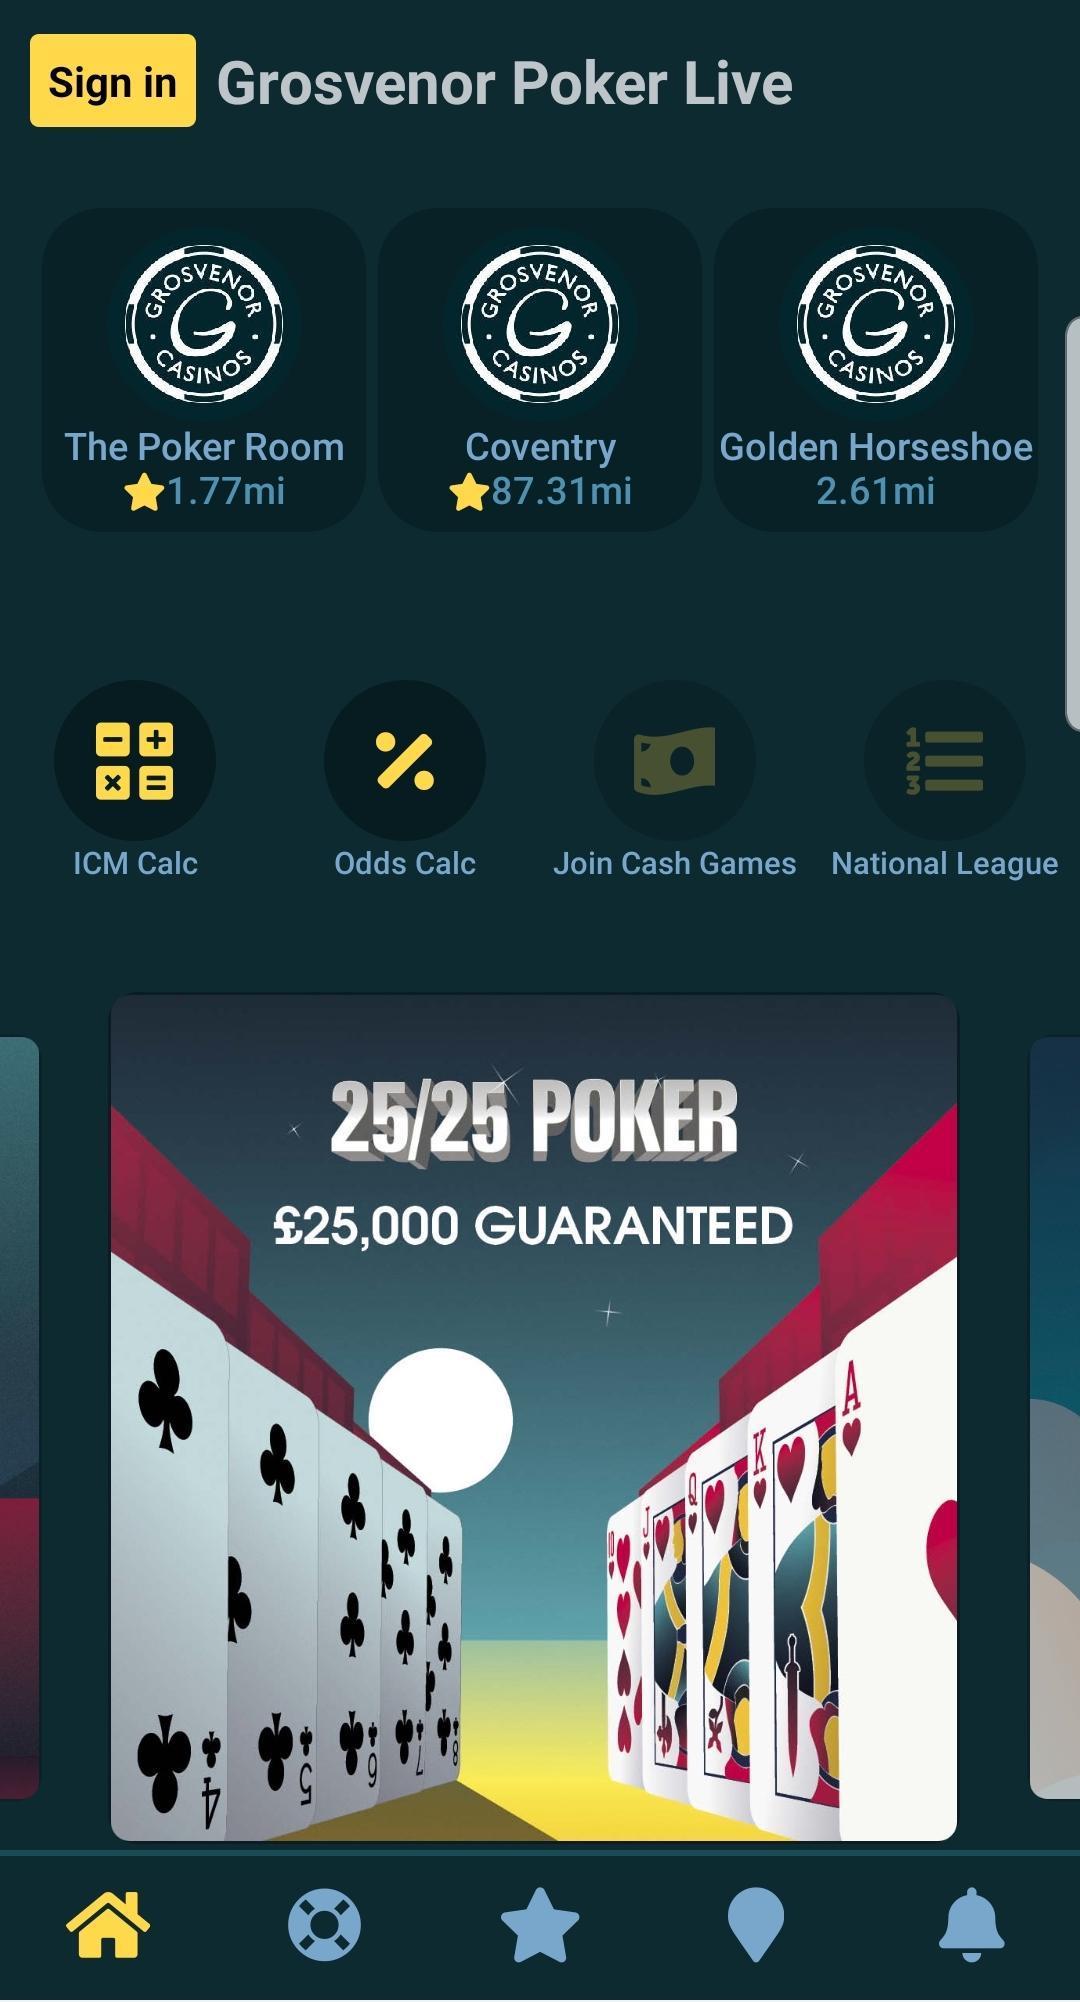 Grosvenor poker online